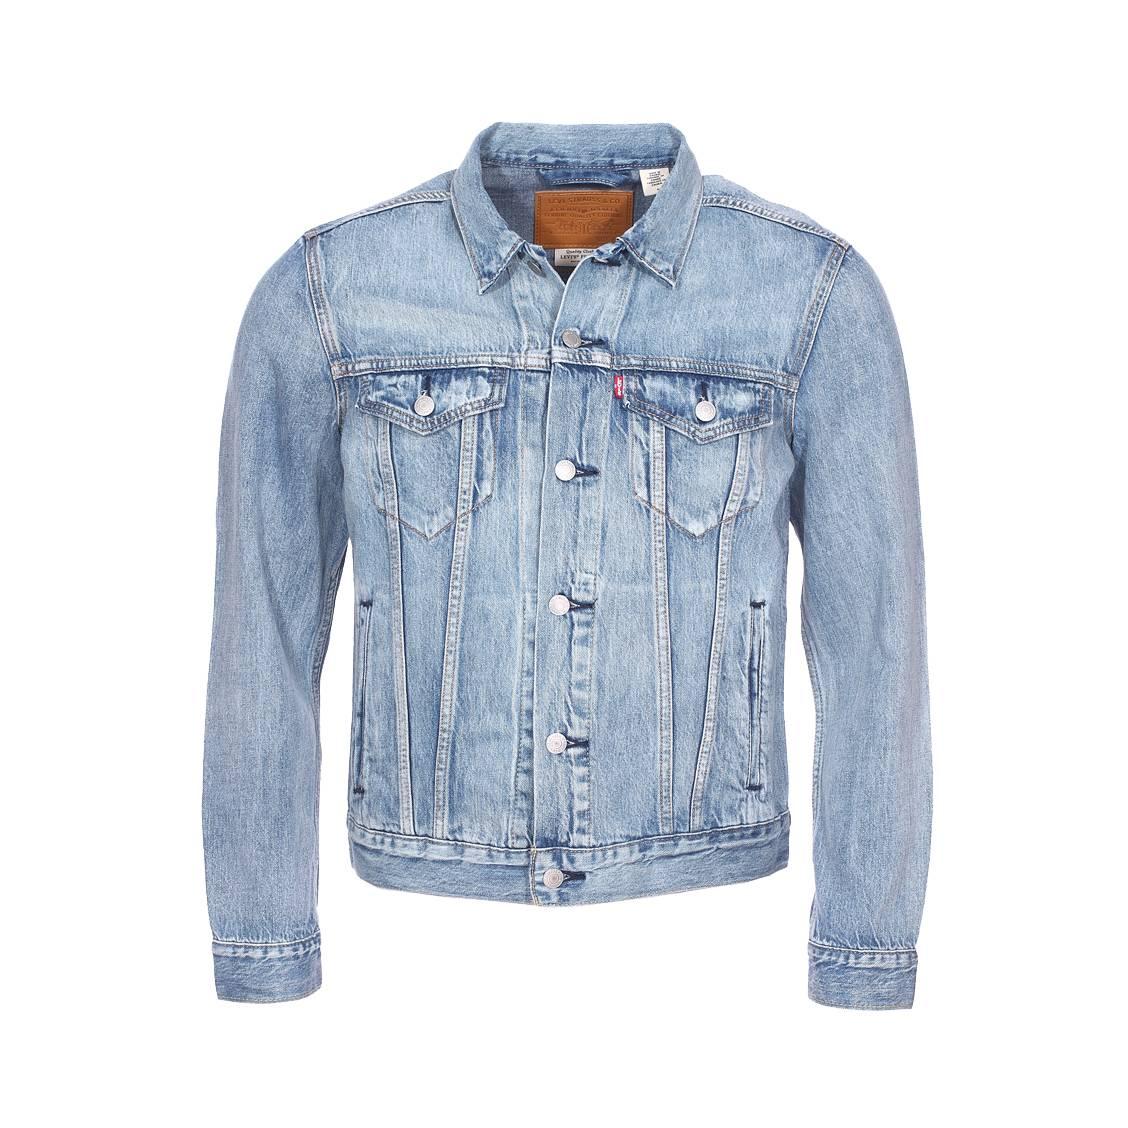 Veste en jean levi\'s the trucker en coton mélangé bleu clair à effet délavé